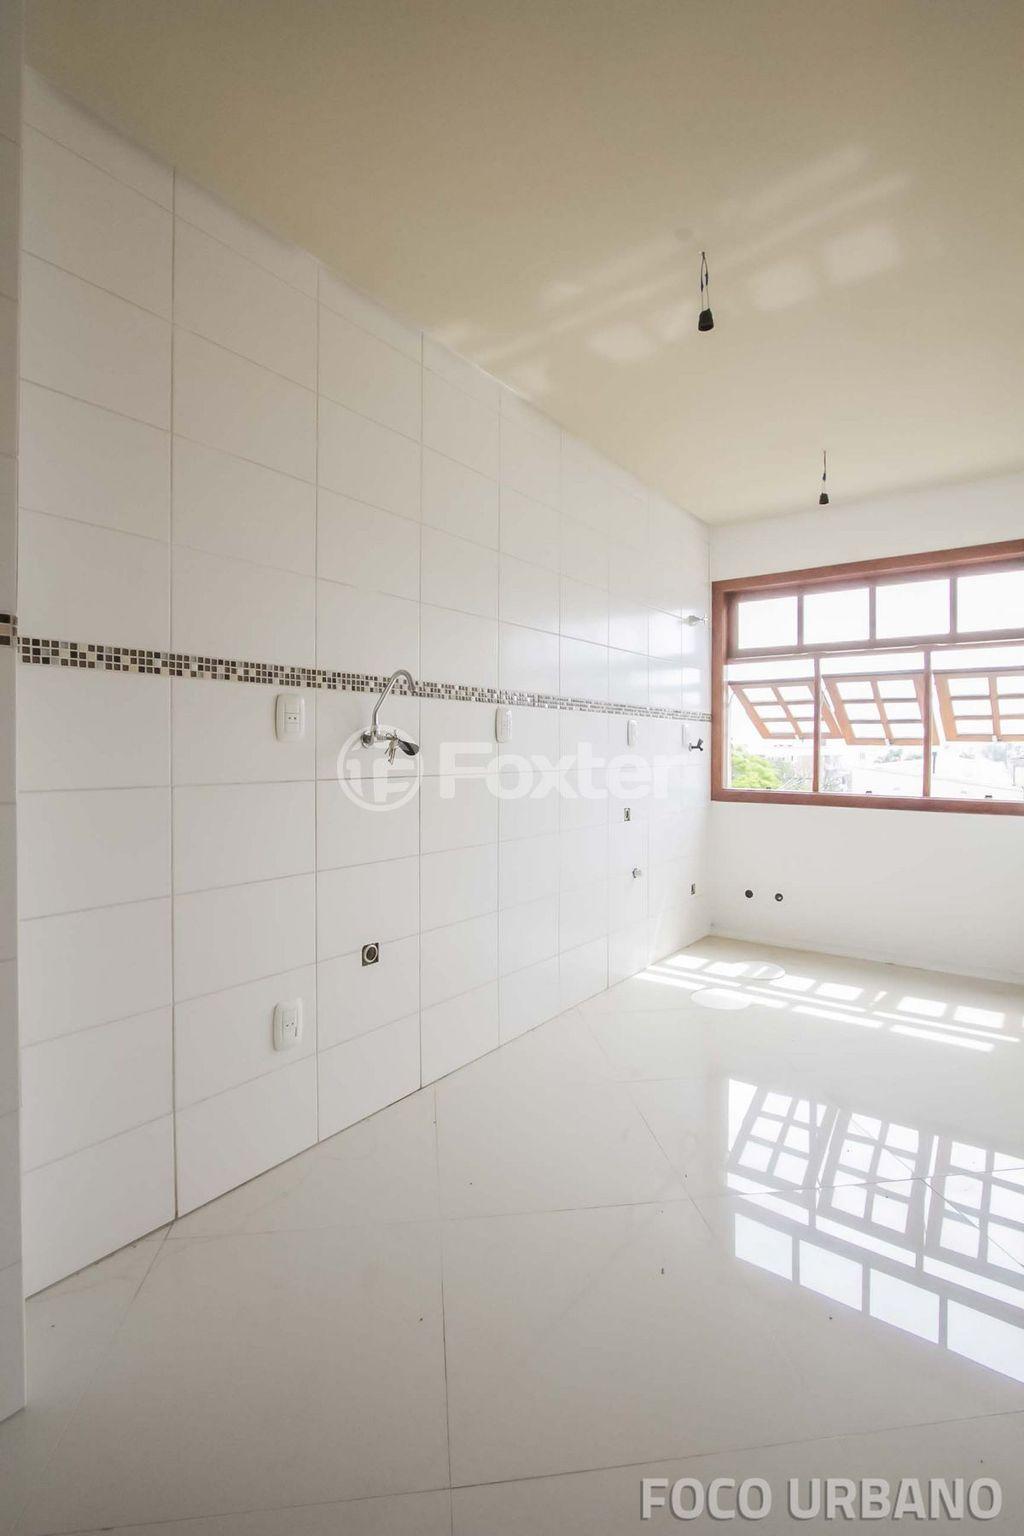 Foxter Imobiliária - Cobertura 1 Dorm (131325) - Foto 11